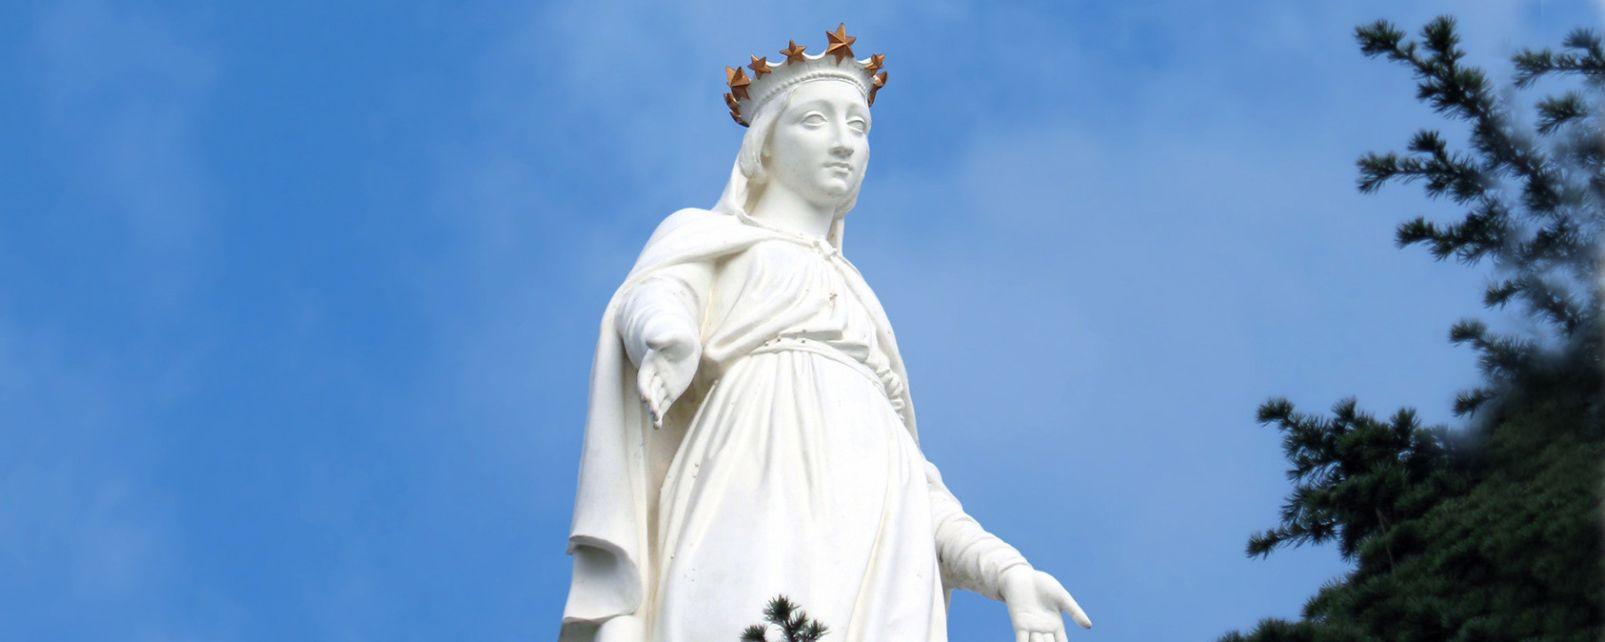 Les monuments, Liban, notre-dame, religion, sainte-vierge, christianisme, moyen-orient